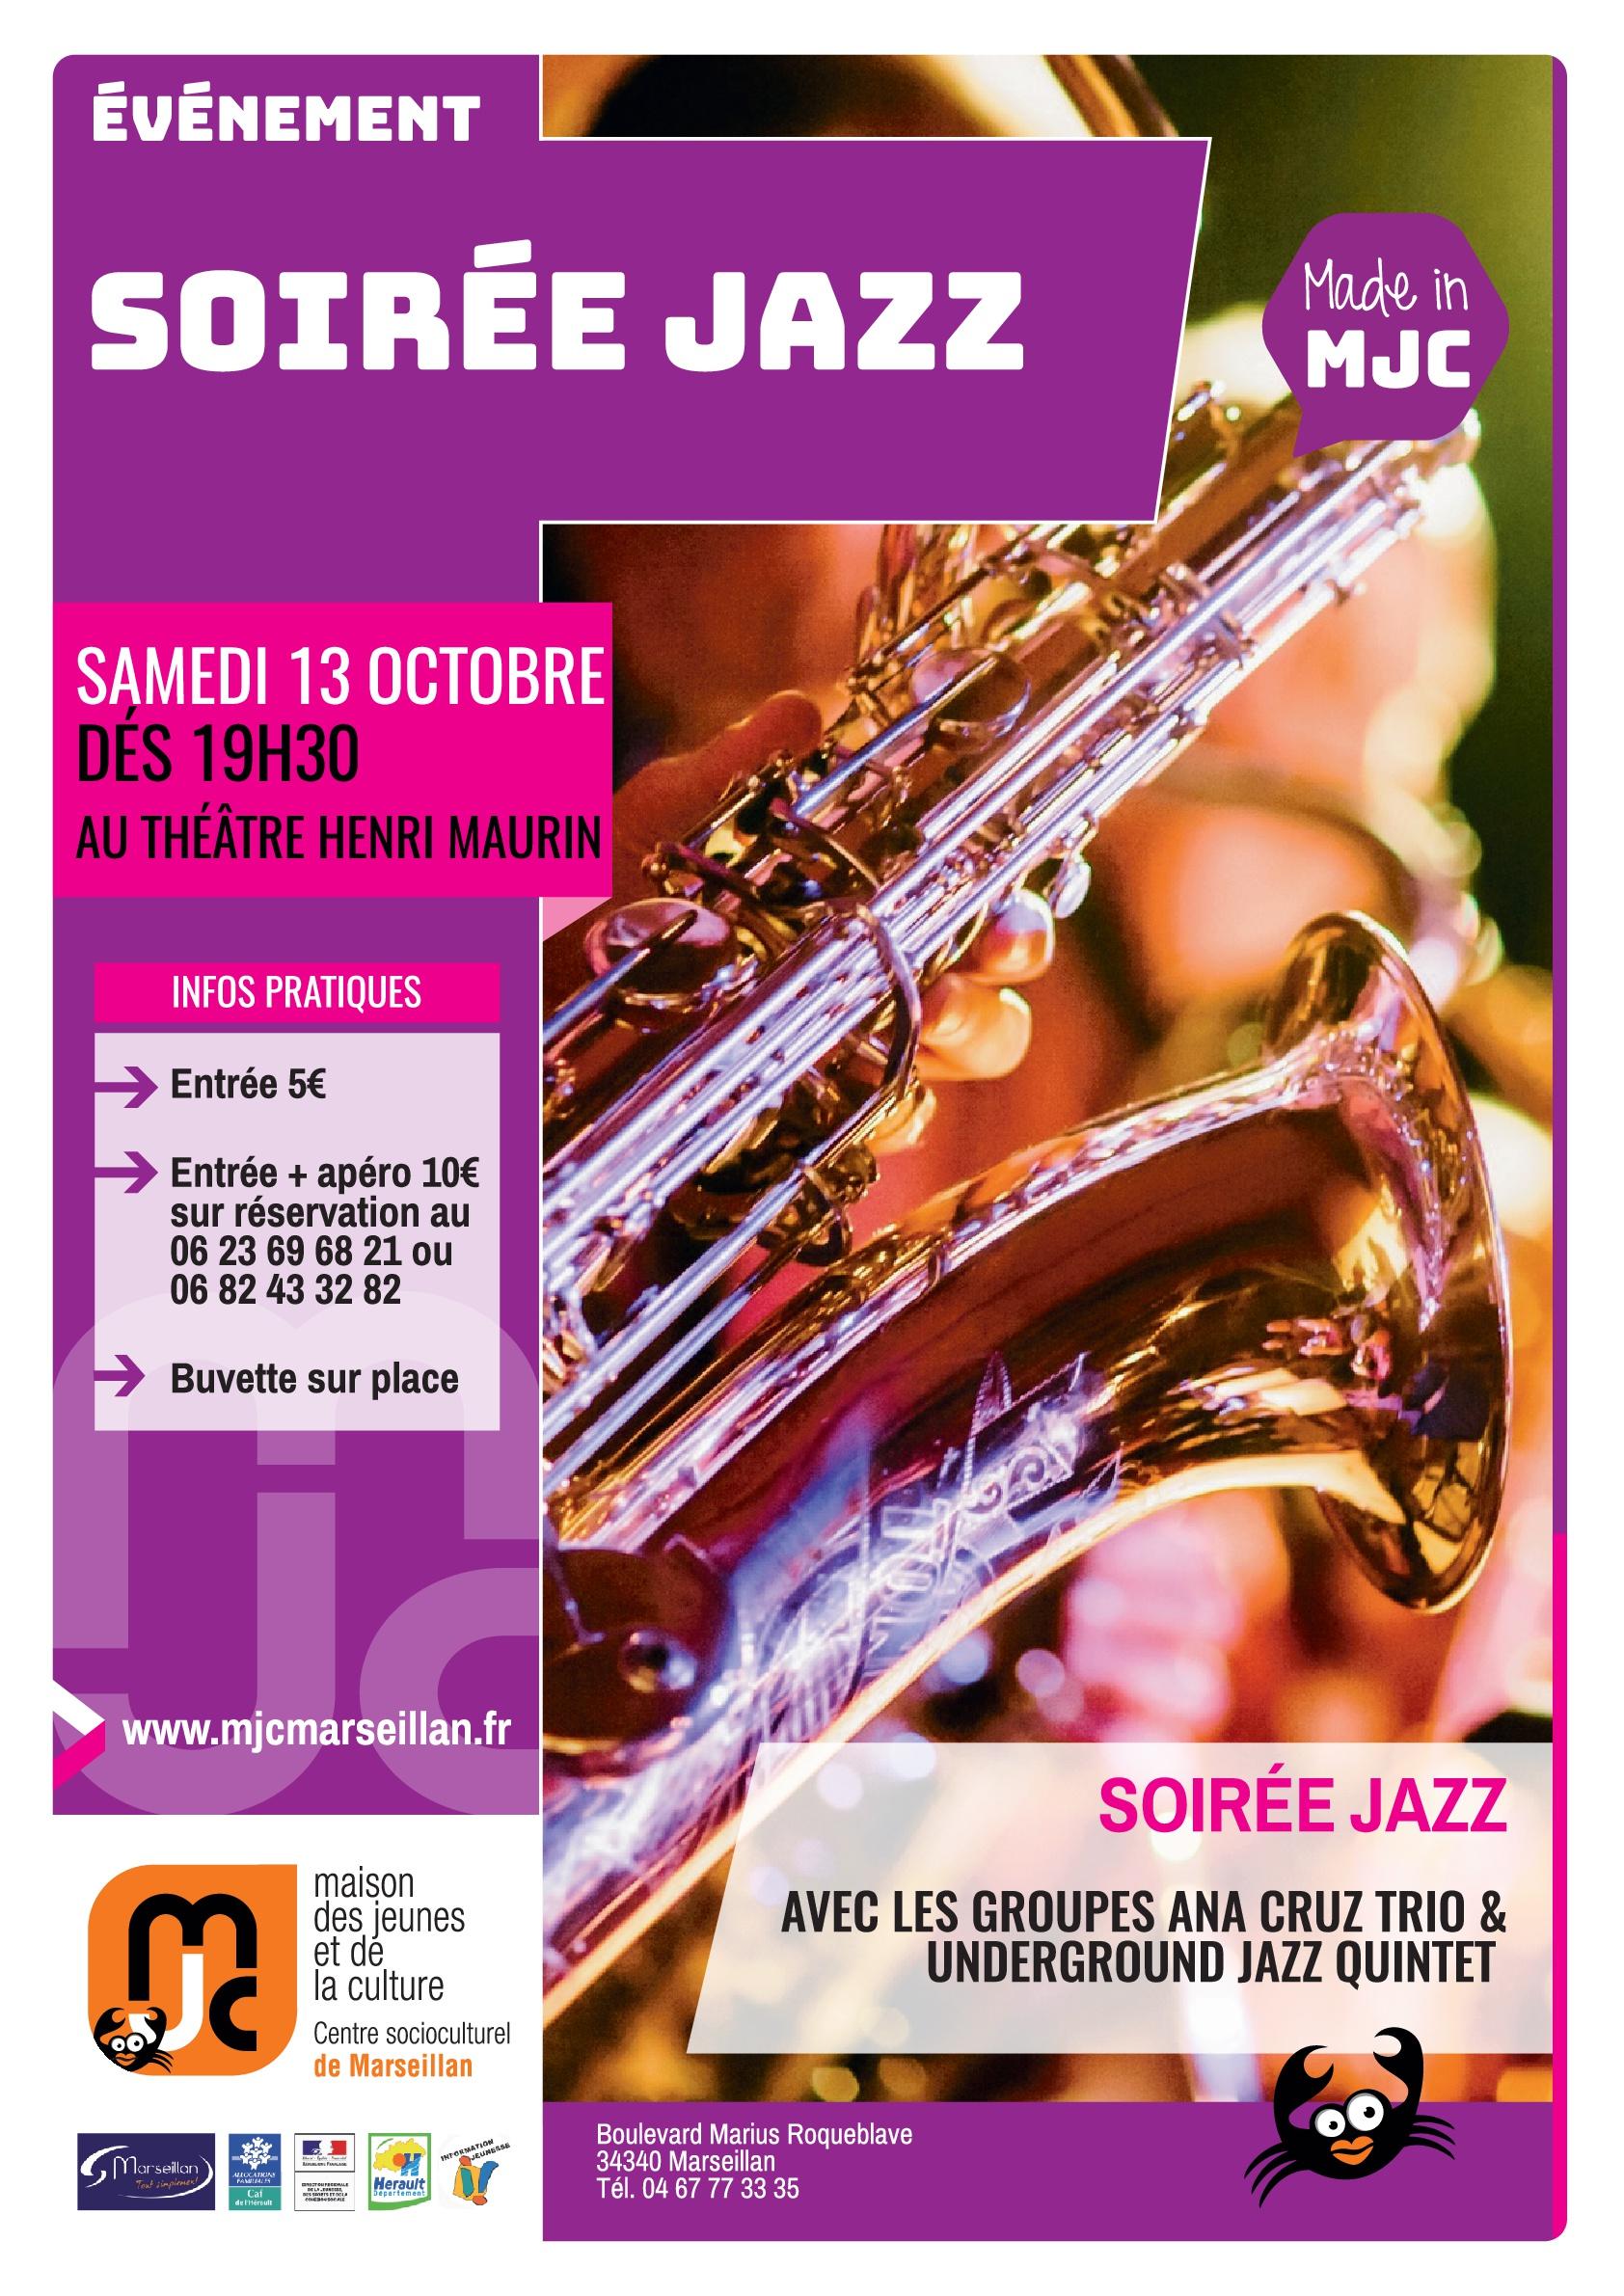 Samedi 13 octobre 2018 : soirée jazz